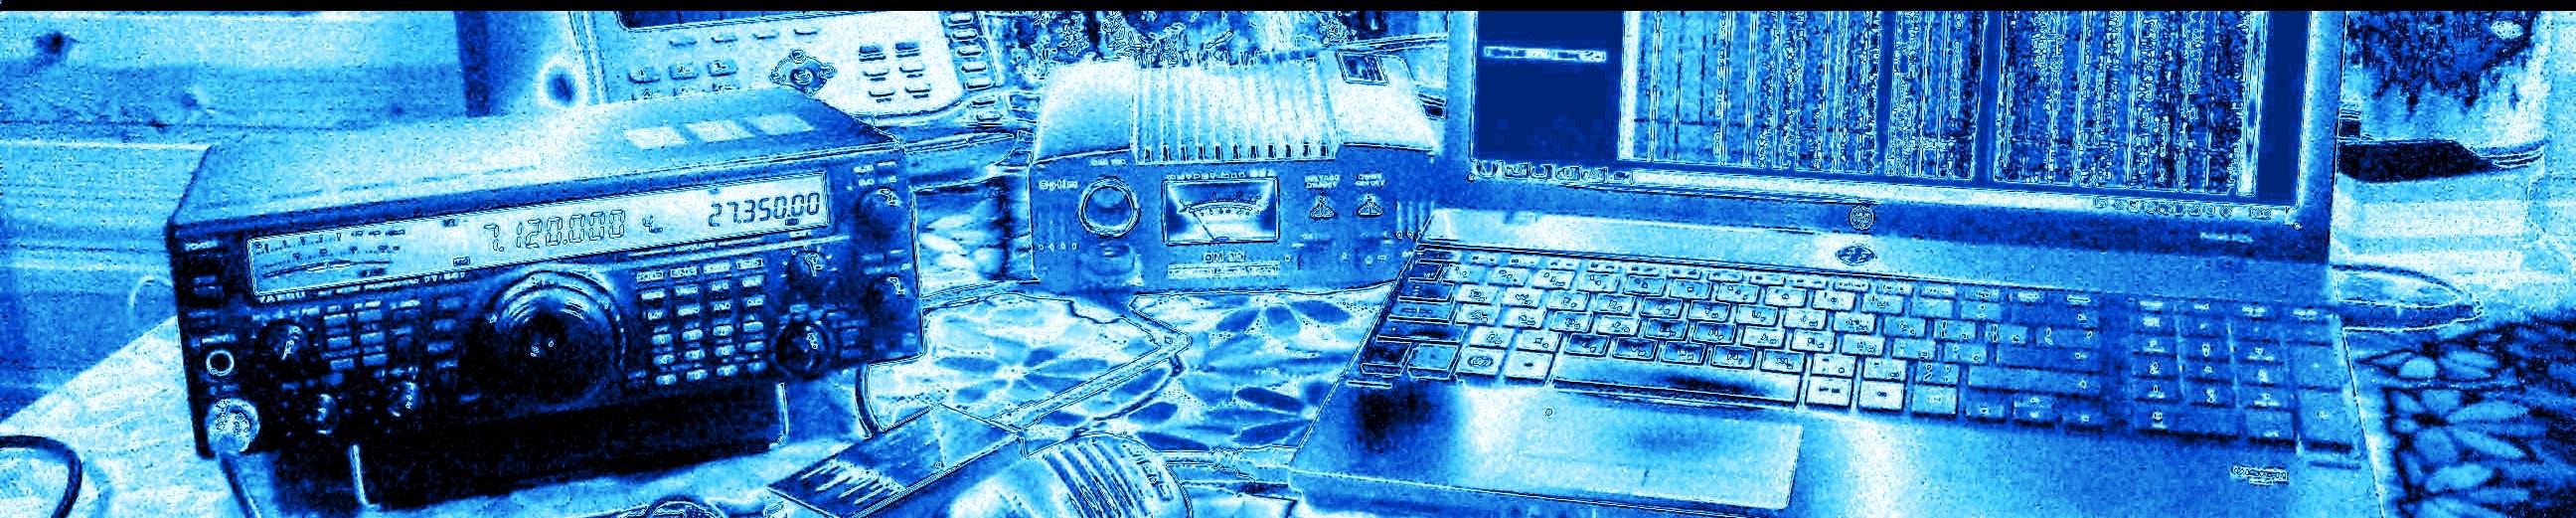 Из жизни радиолюбителей